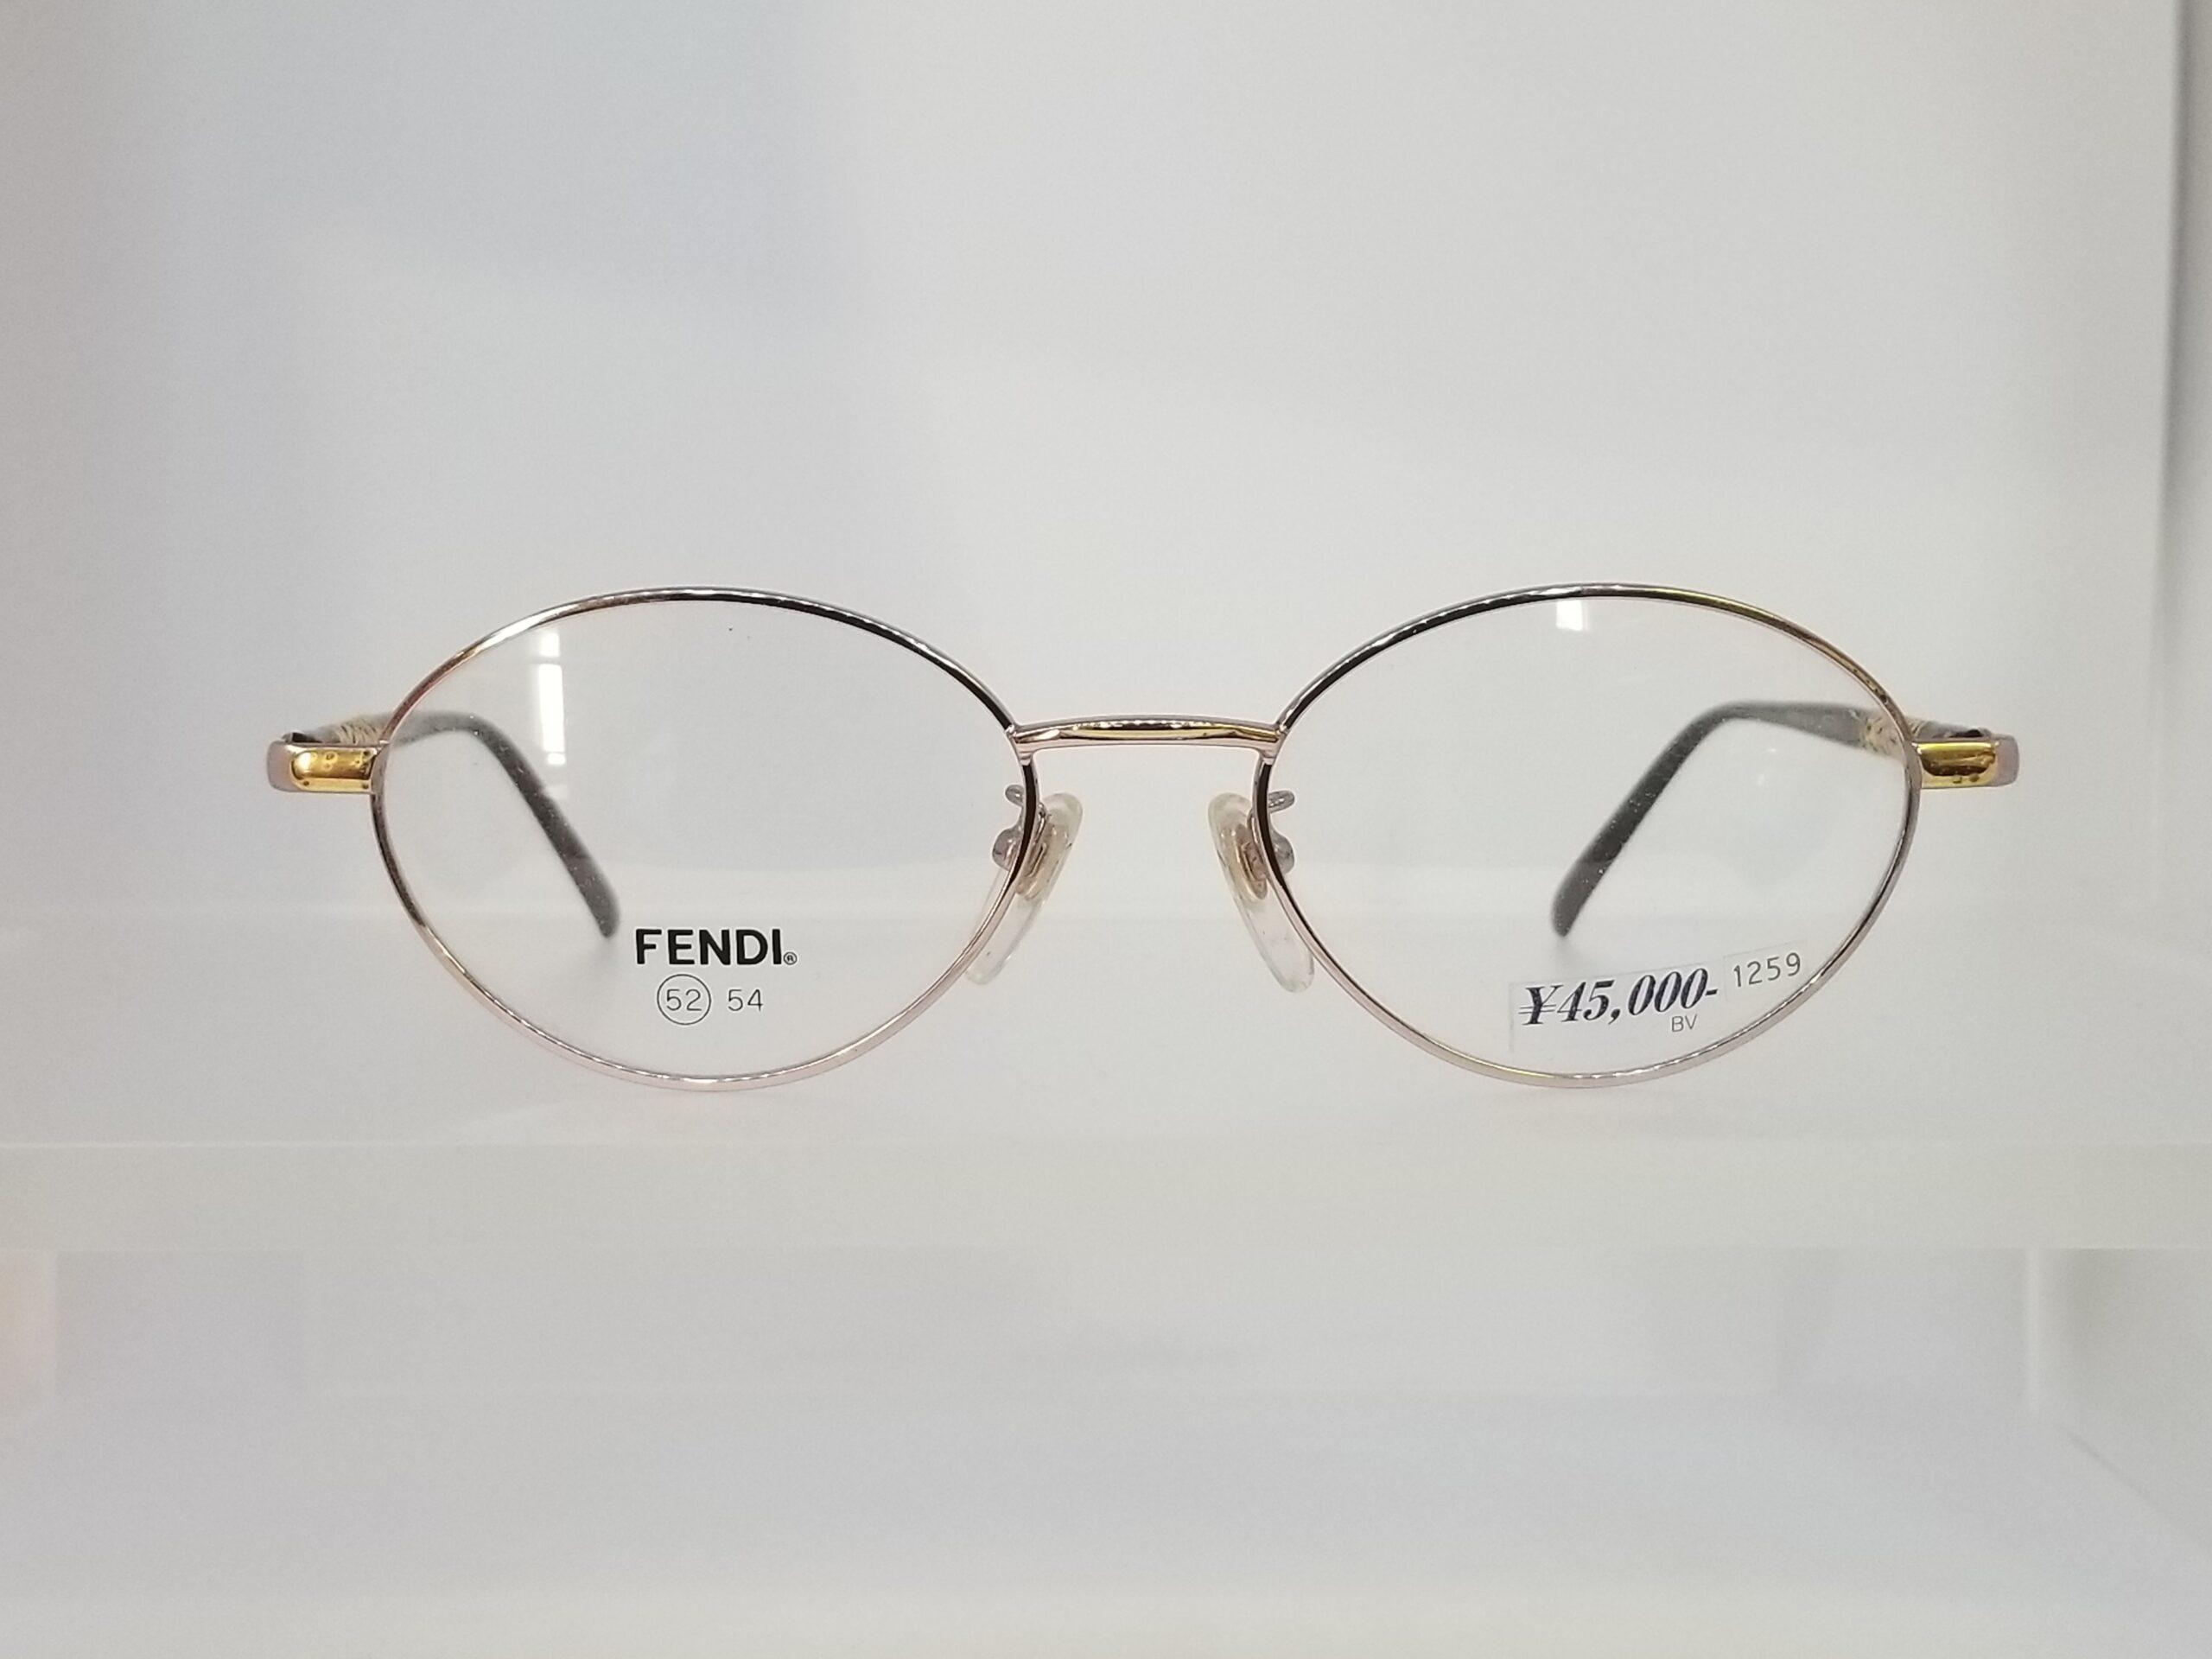 FENDI FE-8016スライド02